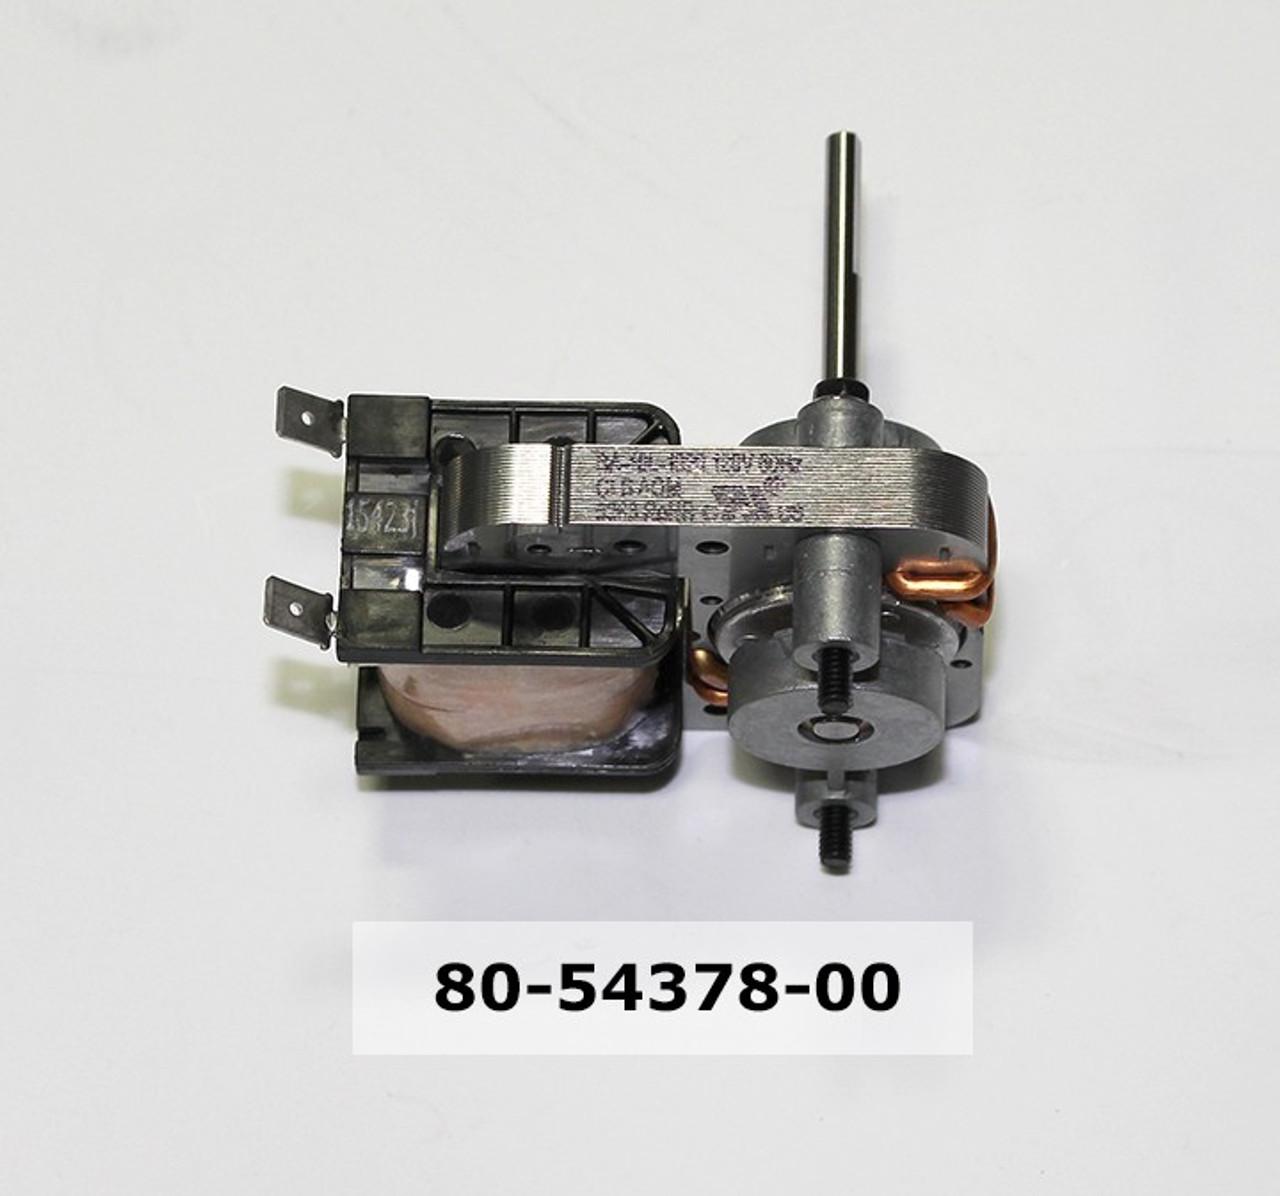 U-Line 80-54378-00 - Condenser Fan Motor